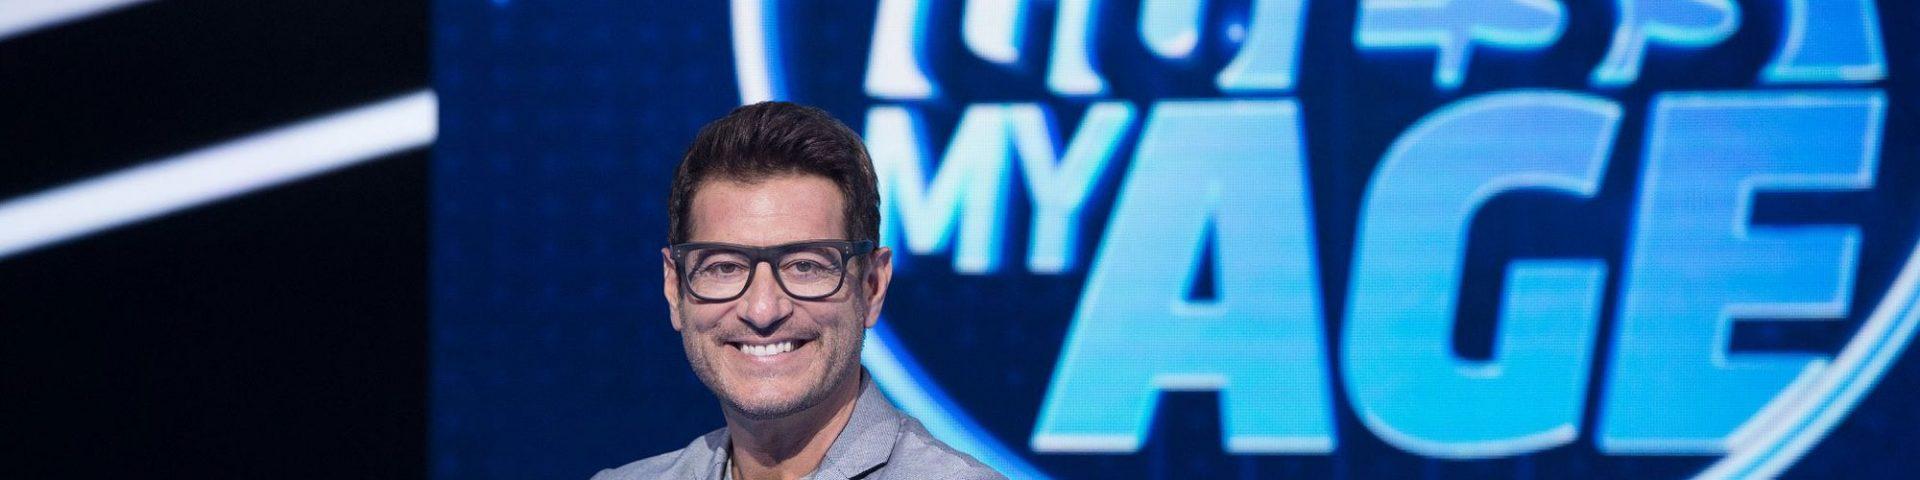 📺 Streaming Guess My Age Indovina l'età su TV8 del 22 maggio alle 20:30